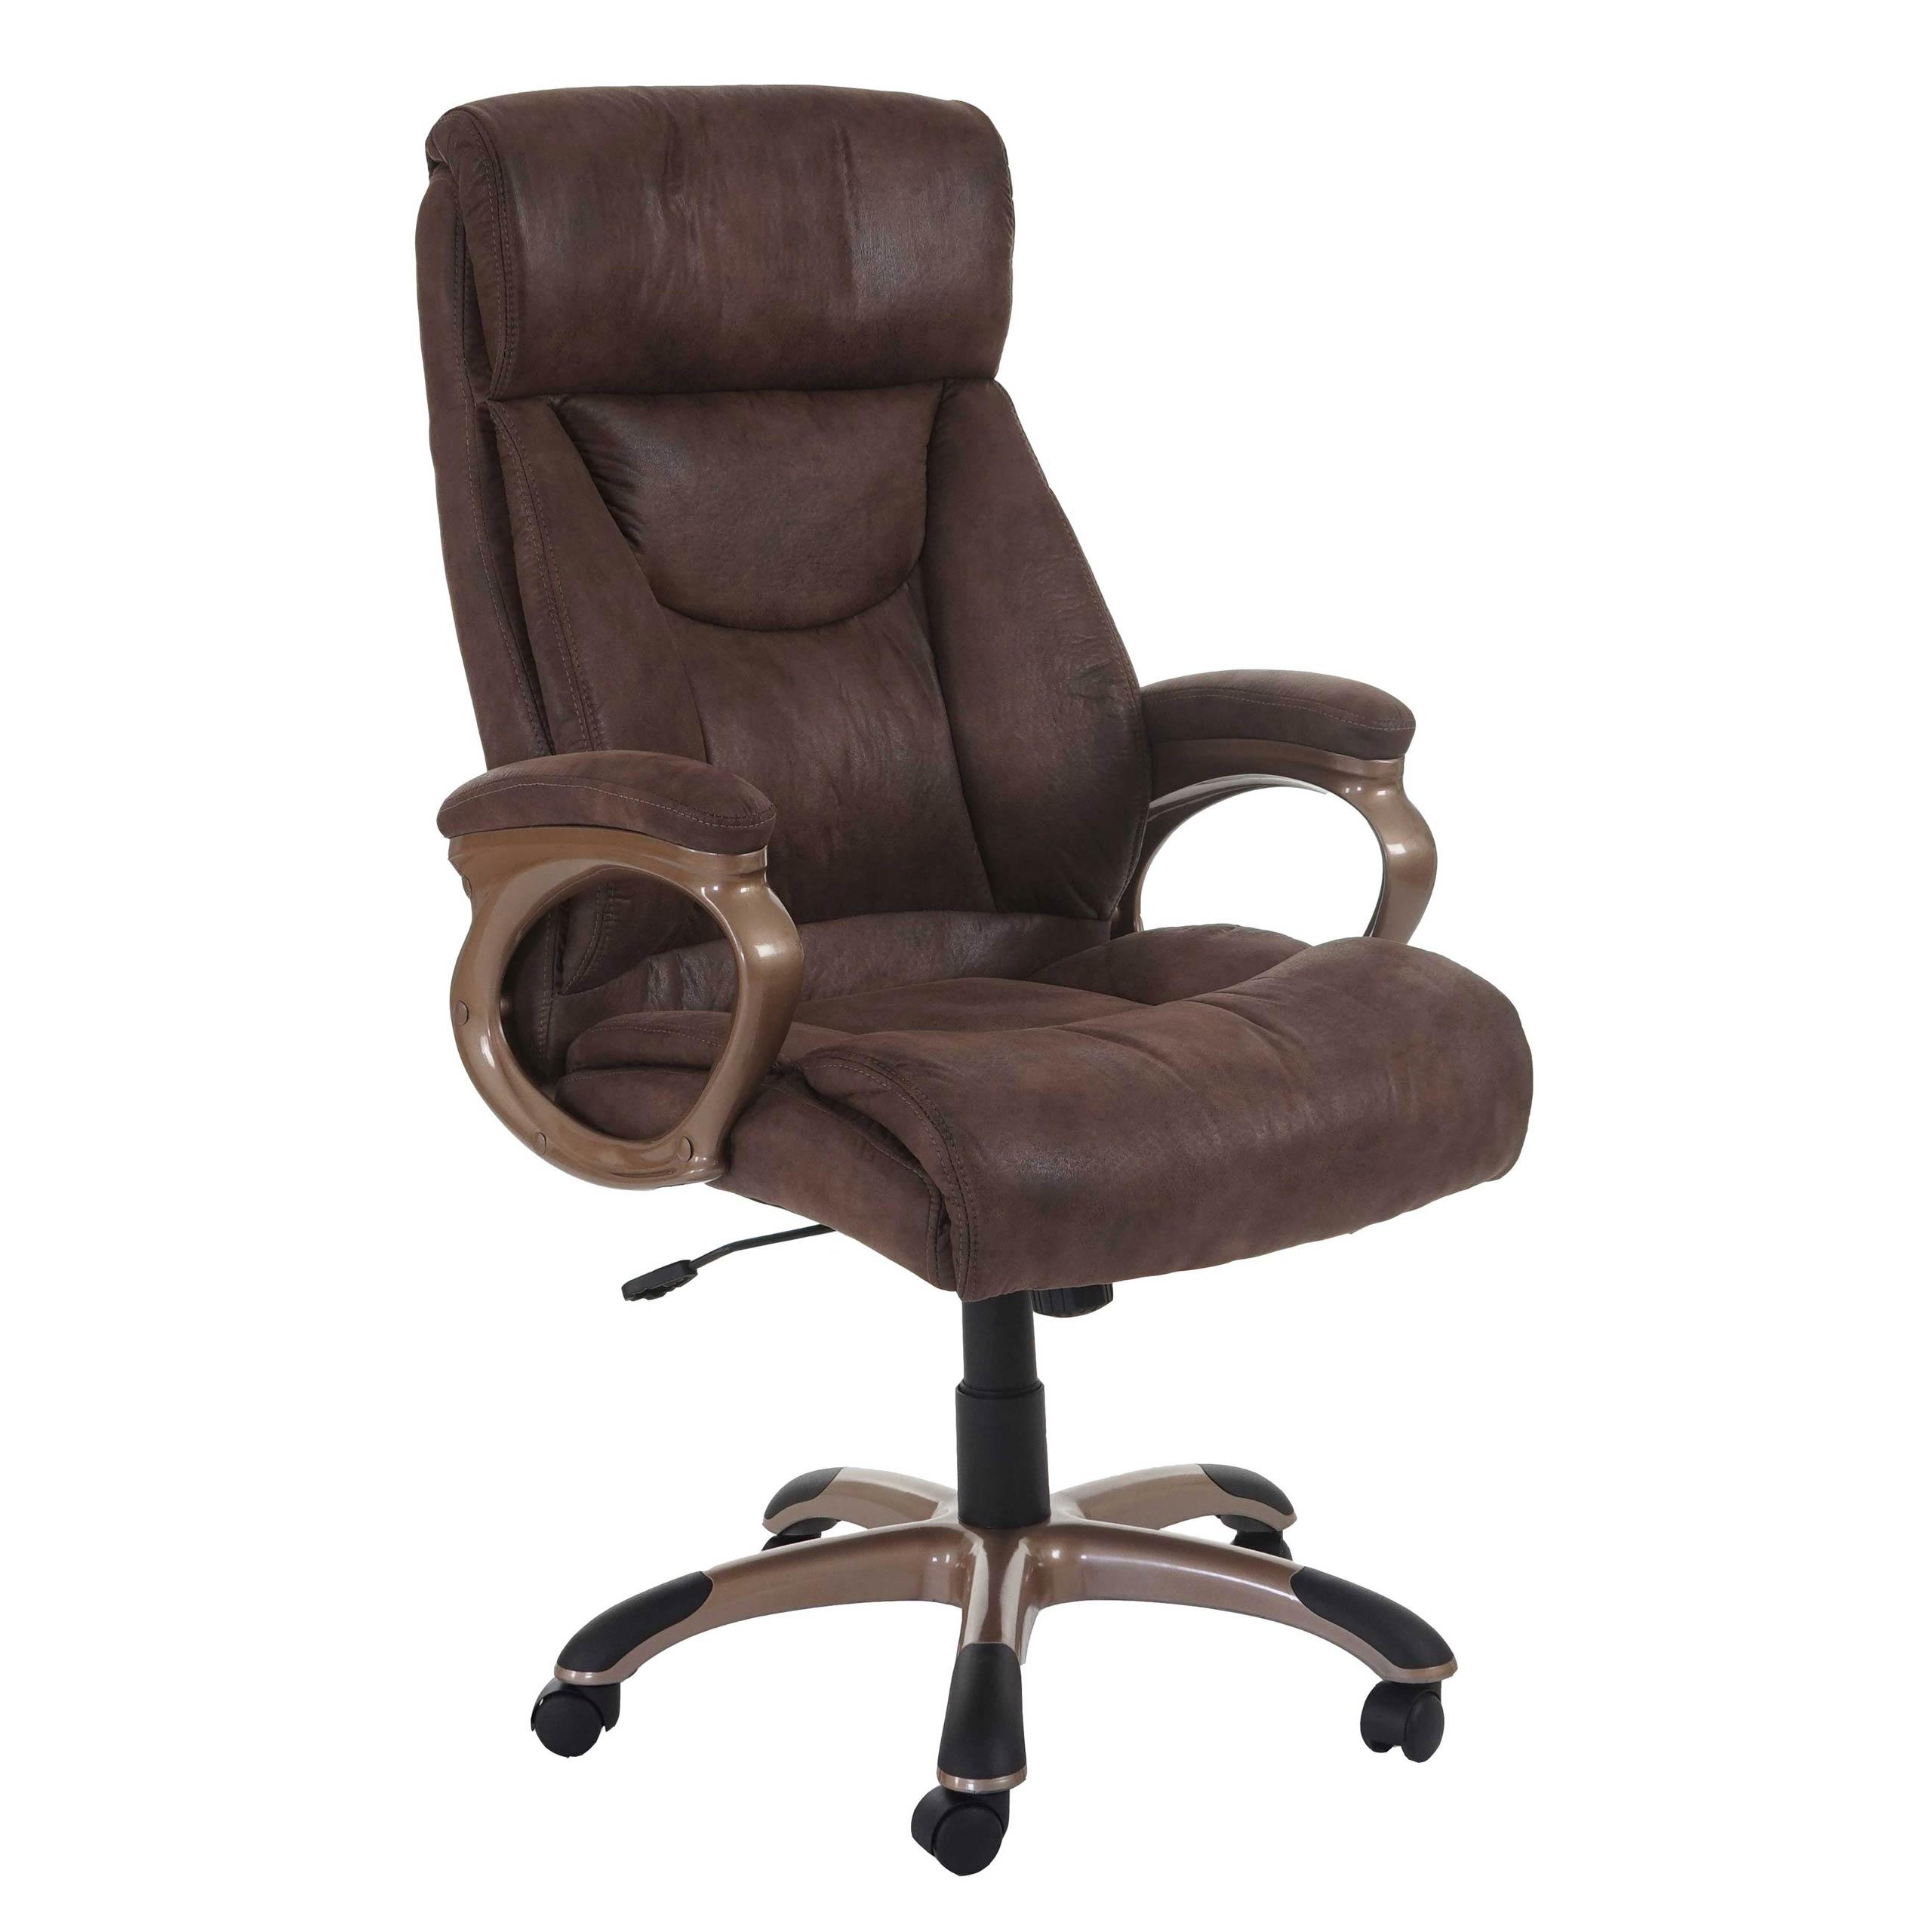 b rostuhl denver schreibtischstuhl drehstuhl chefsessel wildleder optik taupe ebay. Black Bedroom Furniture Sets. Home Design Ideas